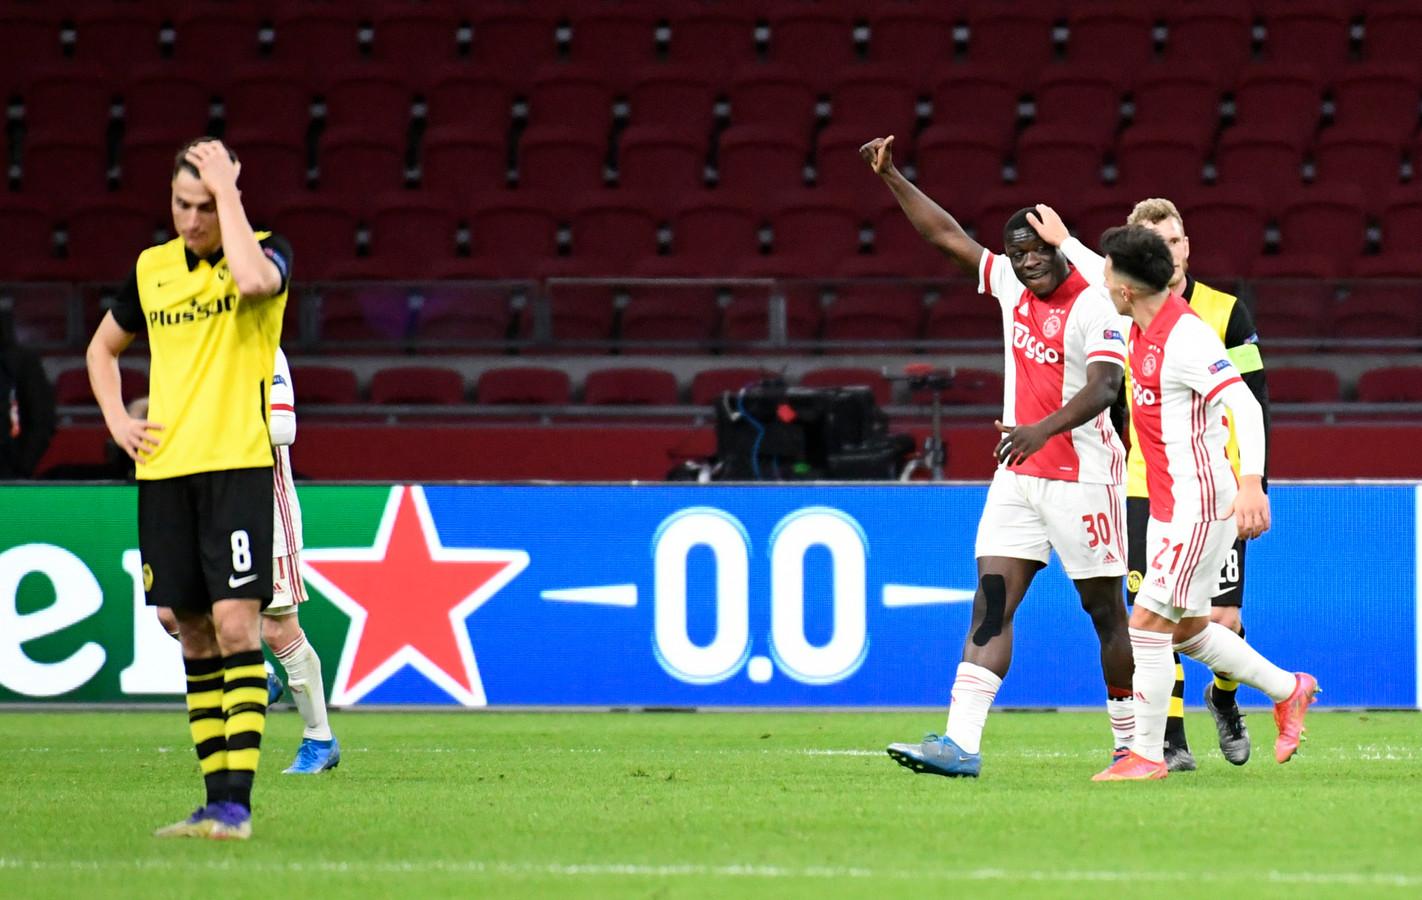 Zwitserse media: Ajax een aantal maten te groot voor Young Boys | Foto |  AD.nl